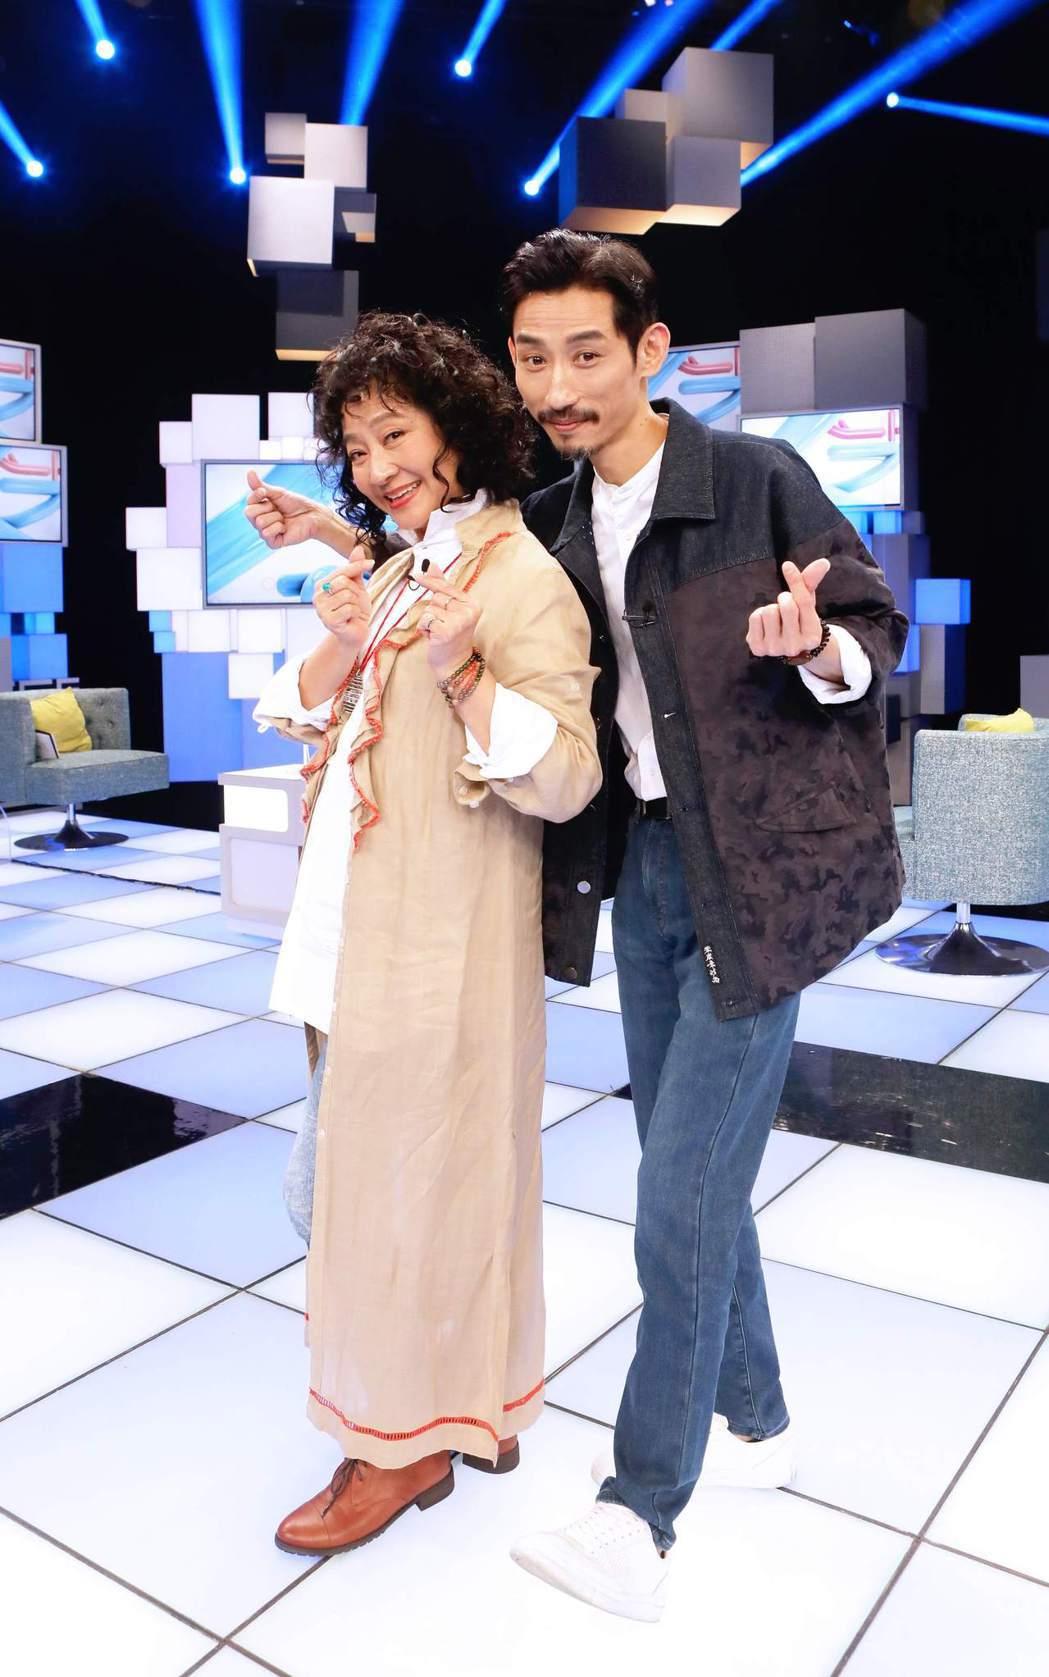 陳竹昇和楊麗音都是實力派演員。圖/公視提供 李姿瑩